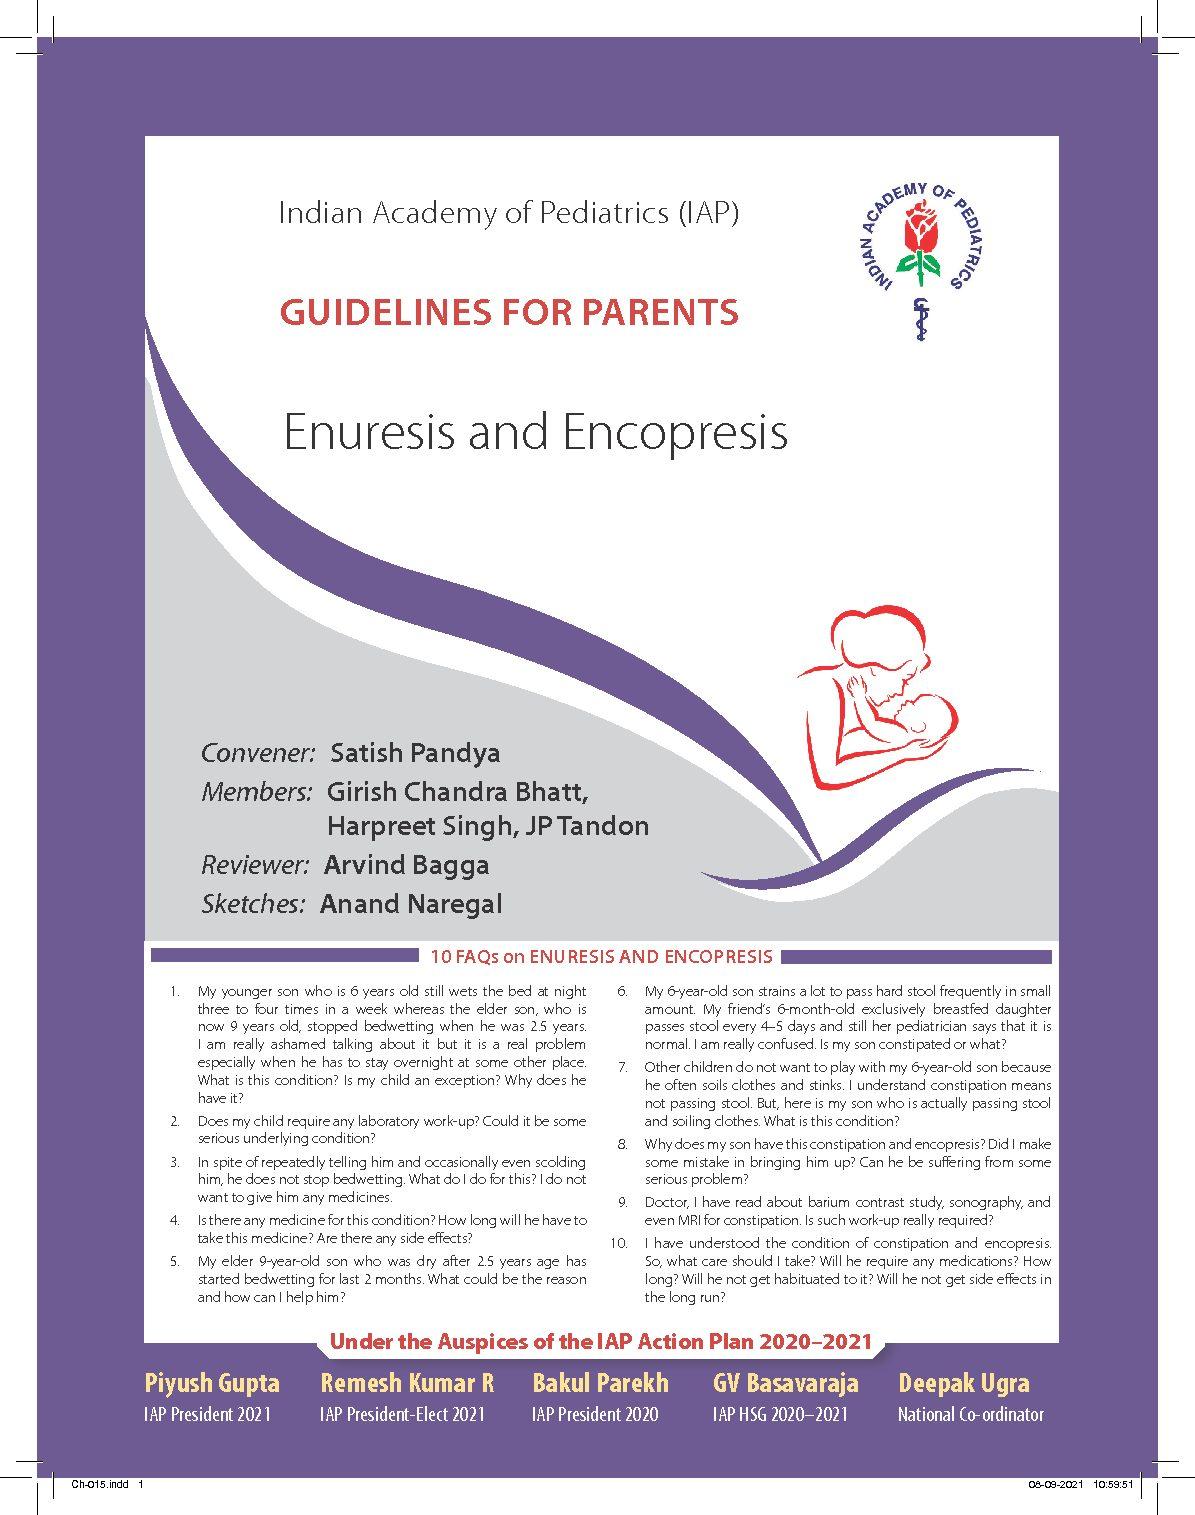 Ch-015-Enuresis-Encopresis-IAP-Parental-Guidelineok-2-pdf.jpg